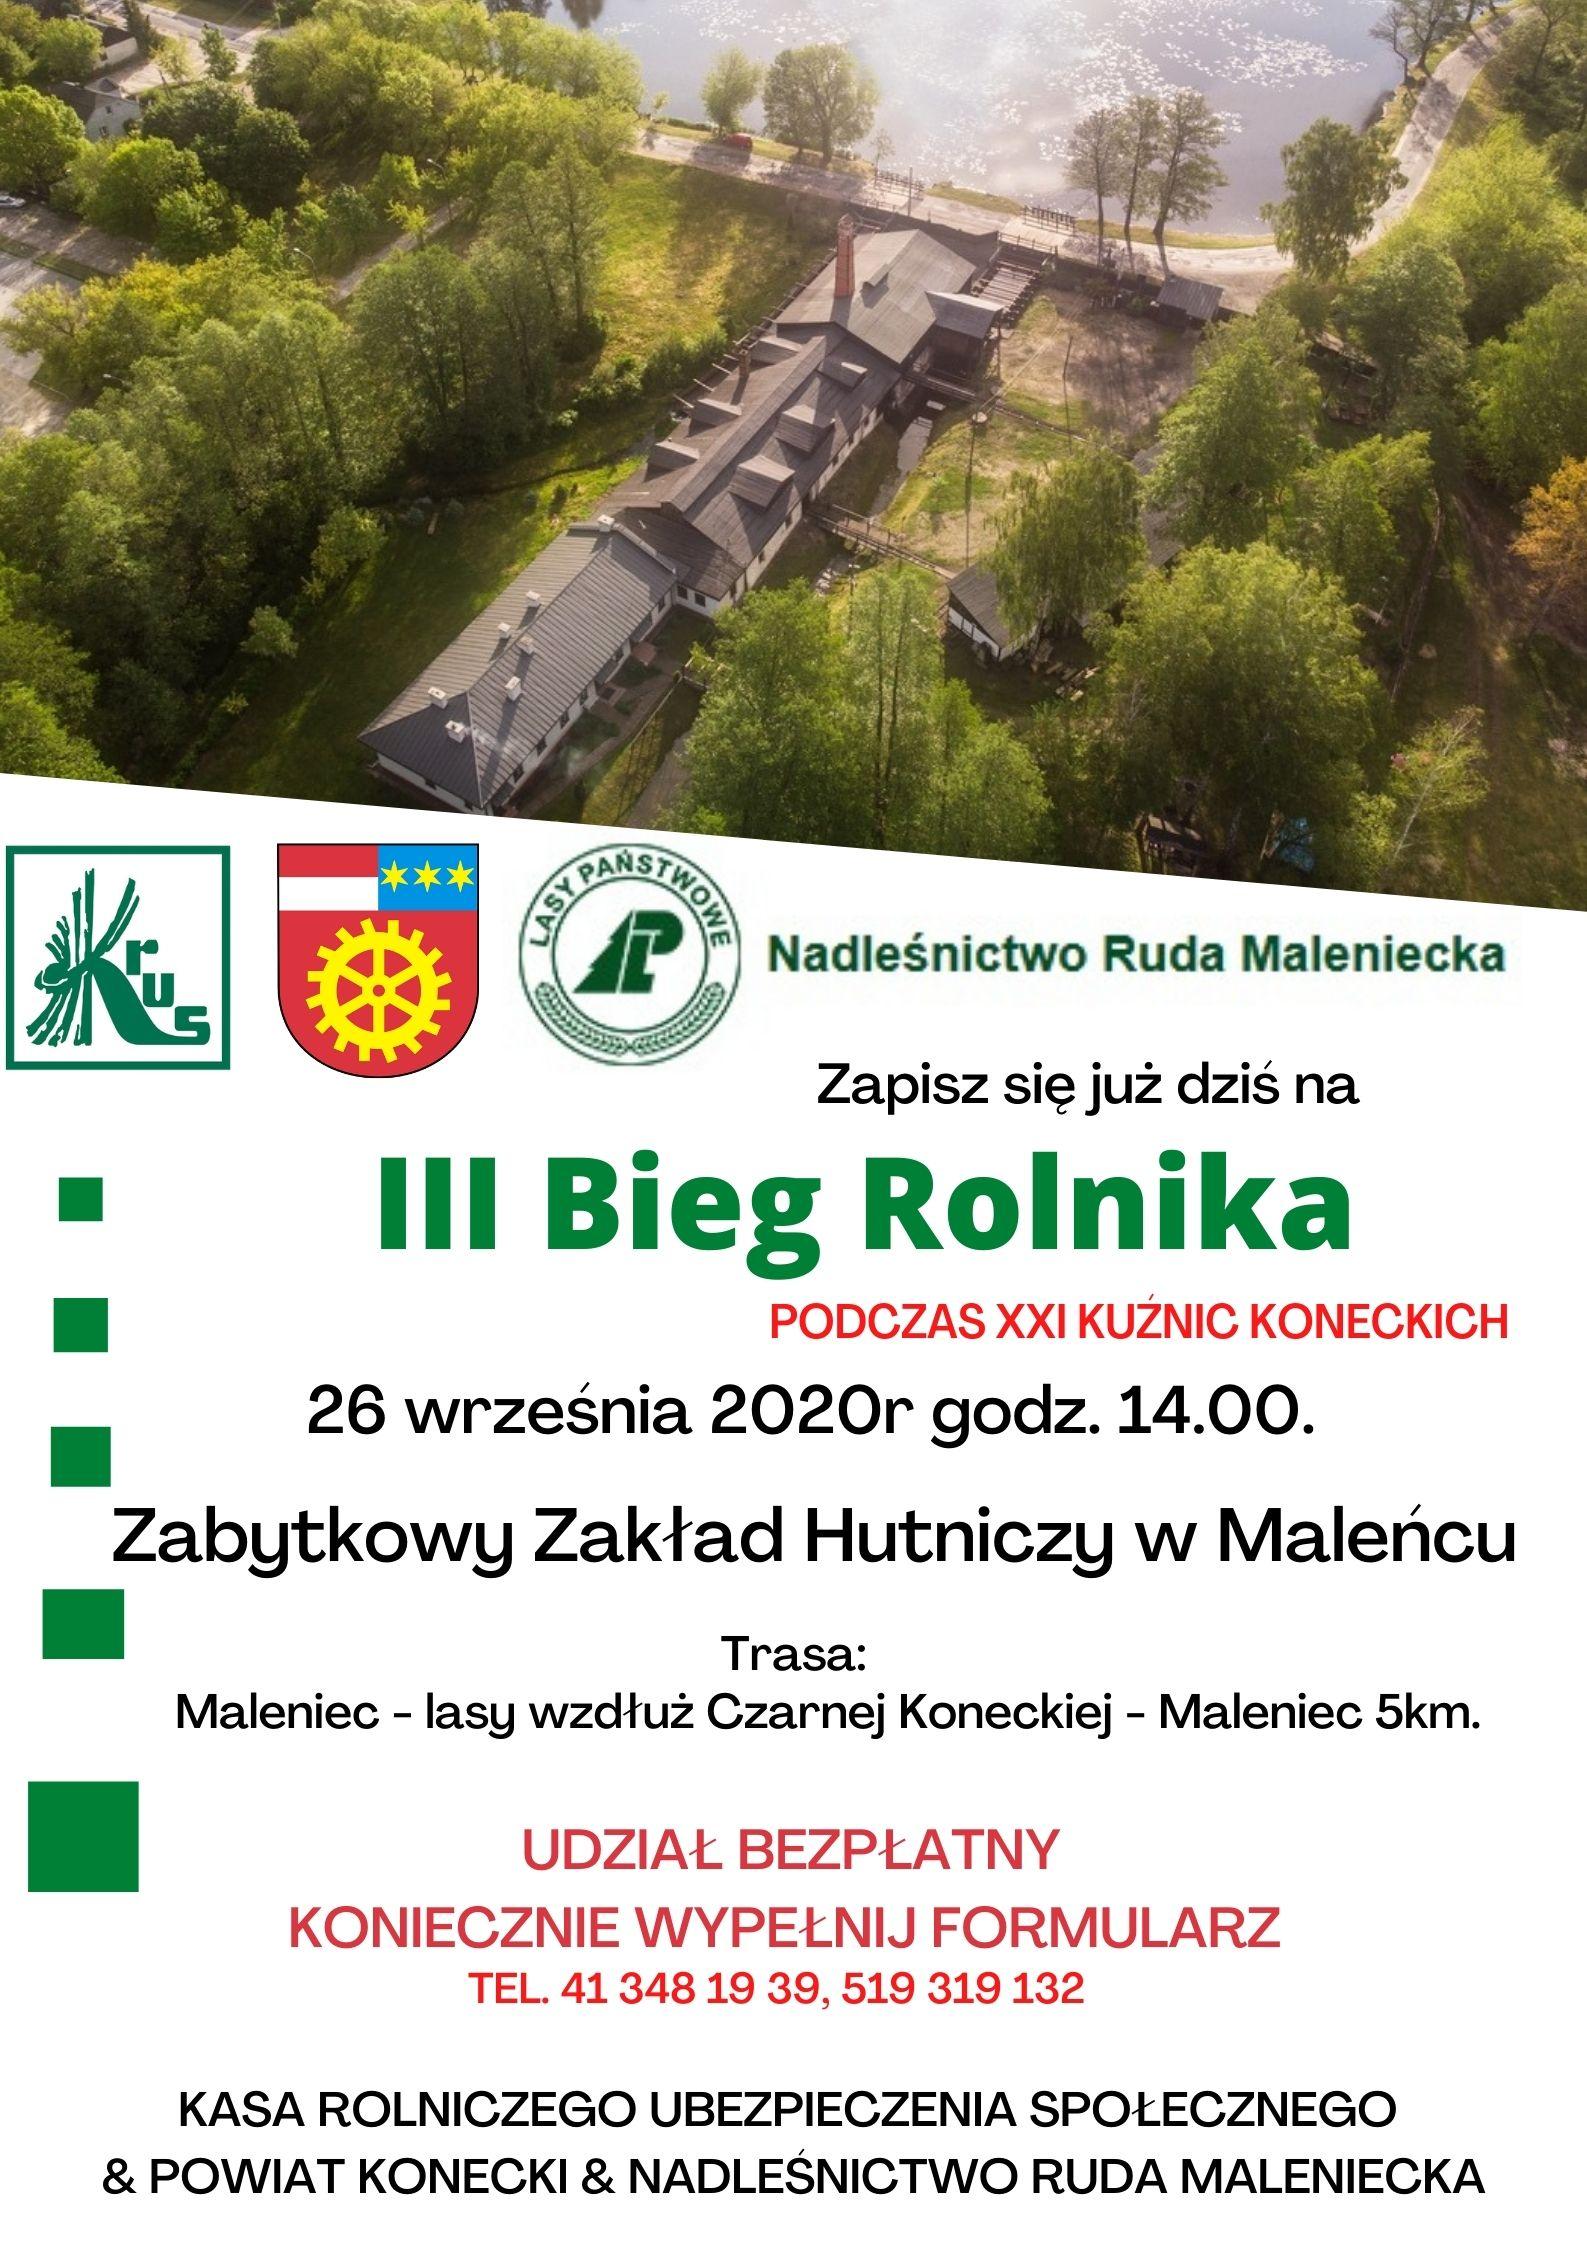 Plakat z zaproszeniem na III Bieg Rolnika